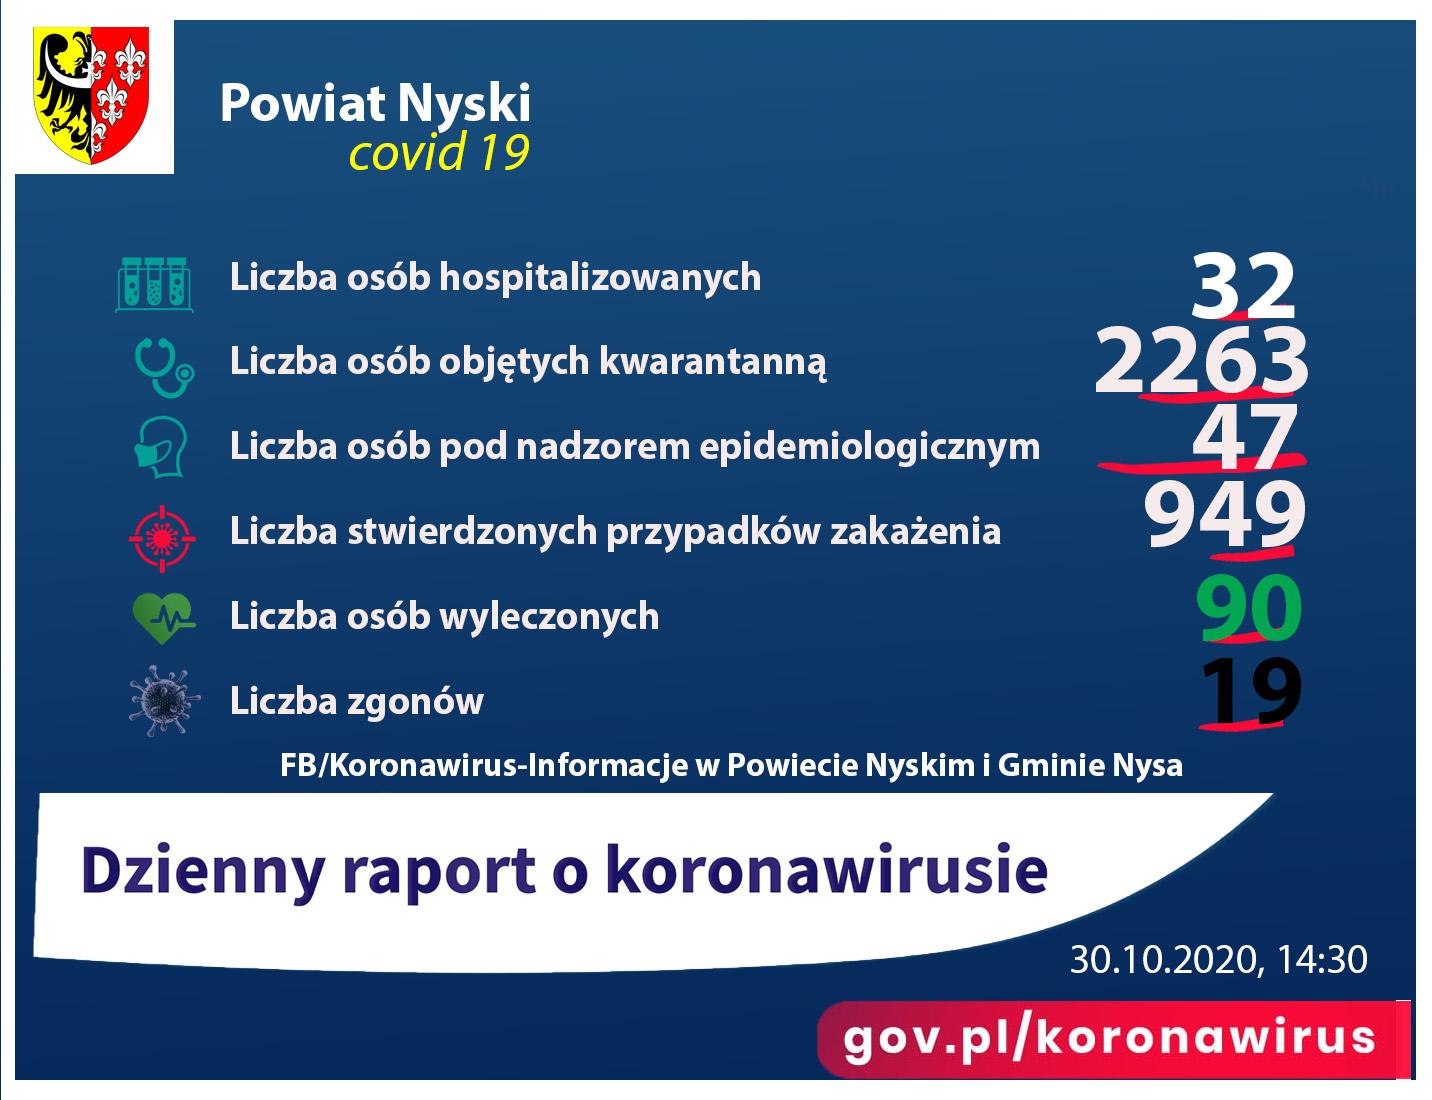 Liczba zakażeń - 949, hospitalizacjs - 32, kwarantanna 2263, zgony 19, ozdrowieńcy - 90